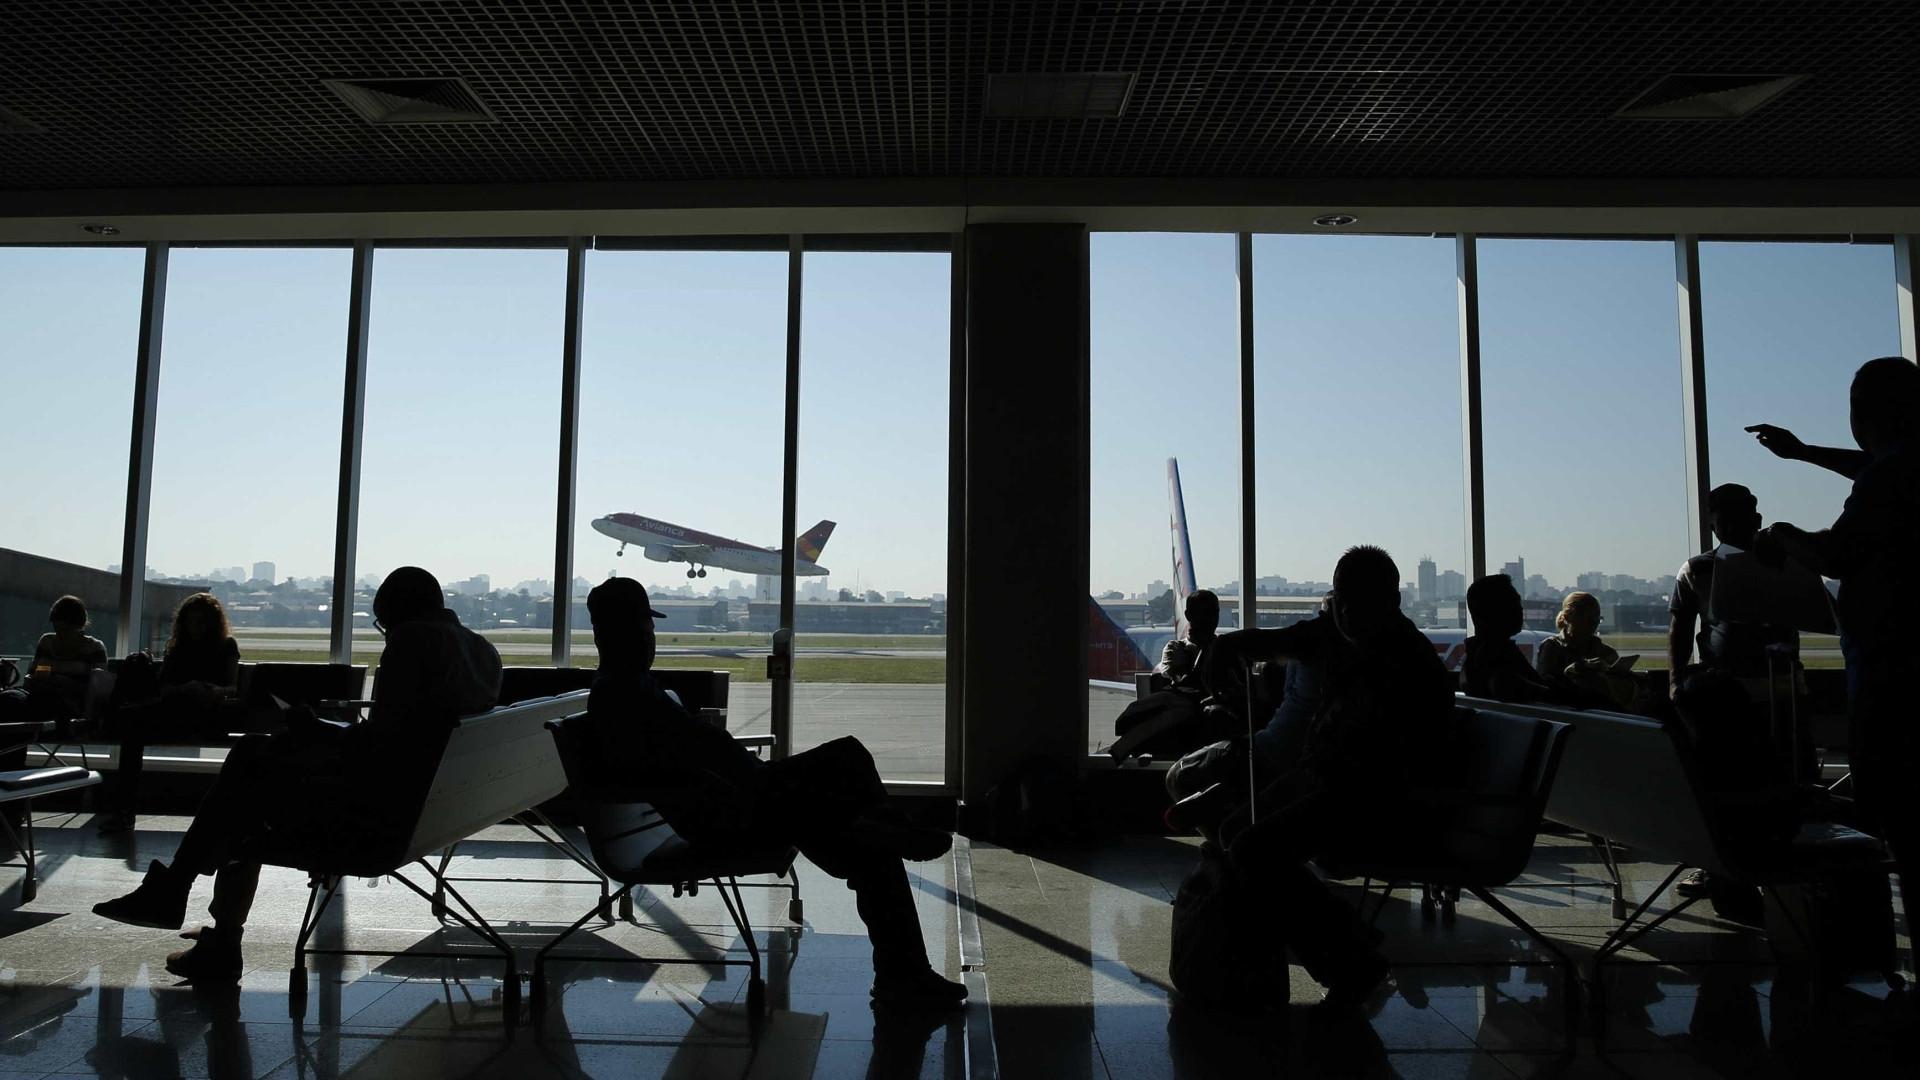 Aeroportos só têm combustível para hoje, diz relatório